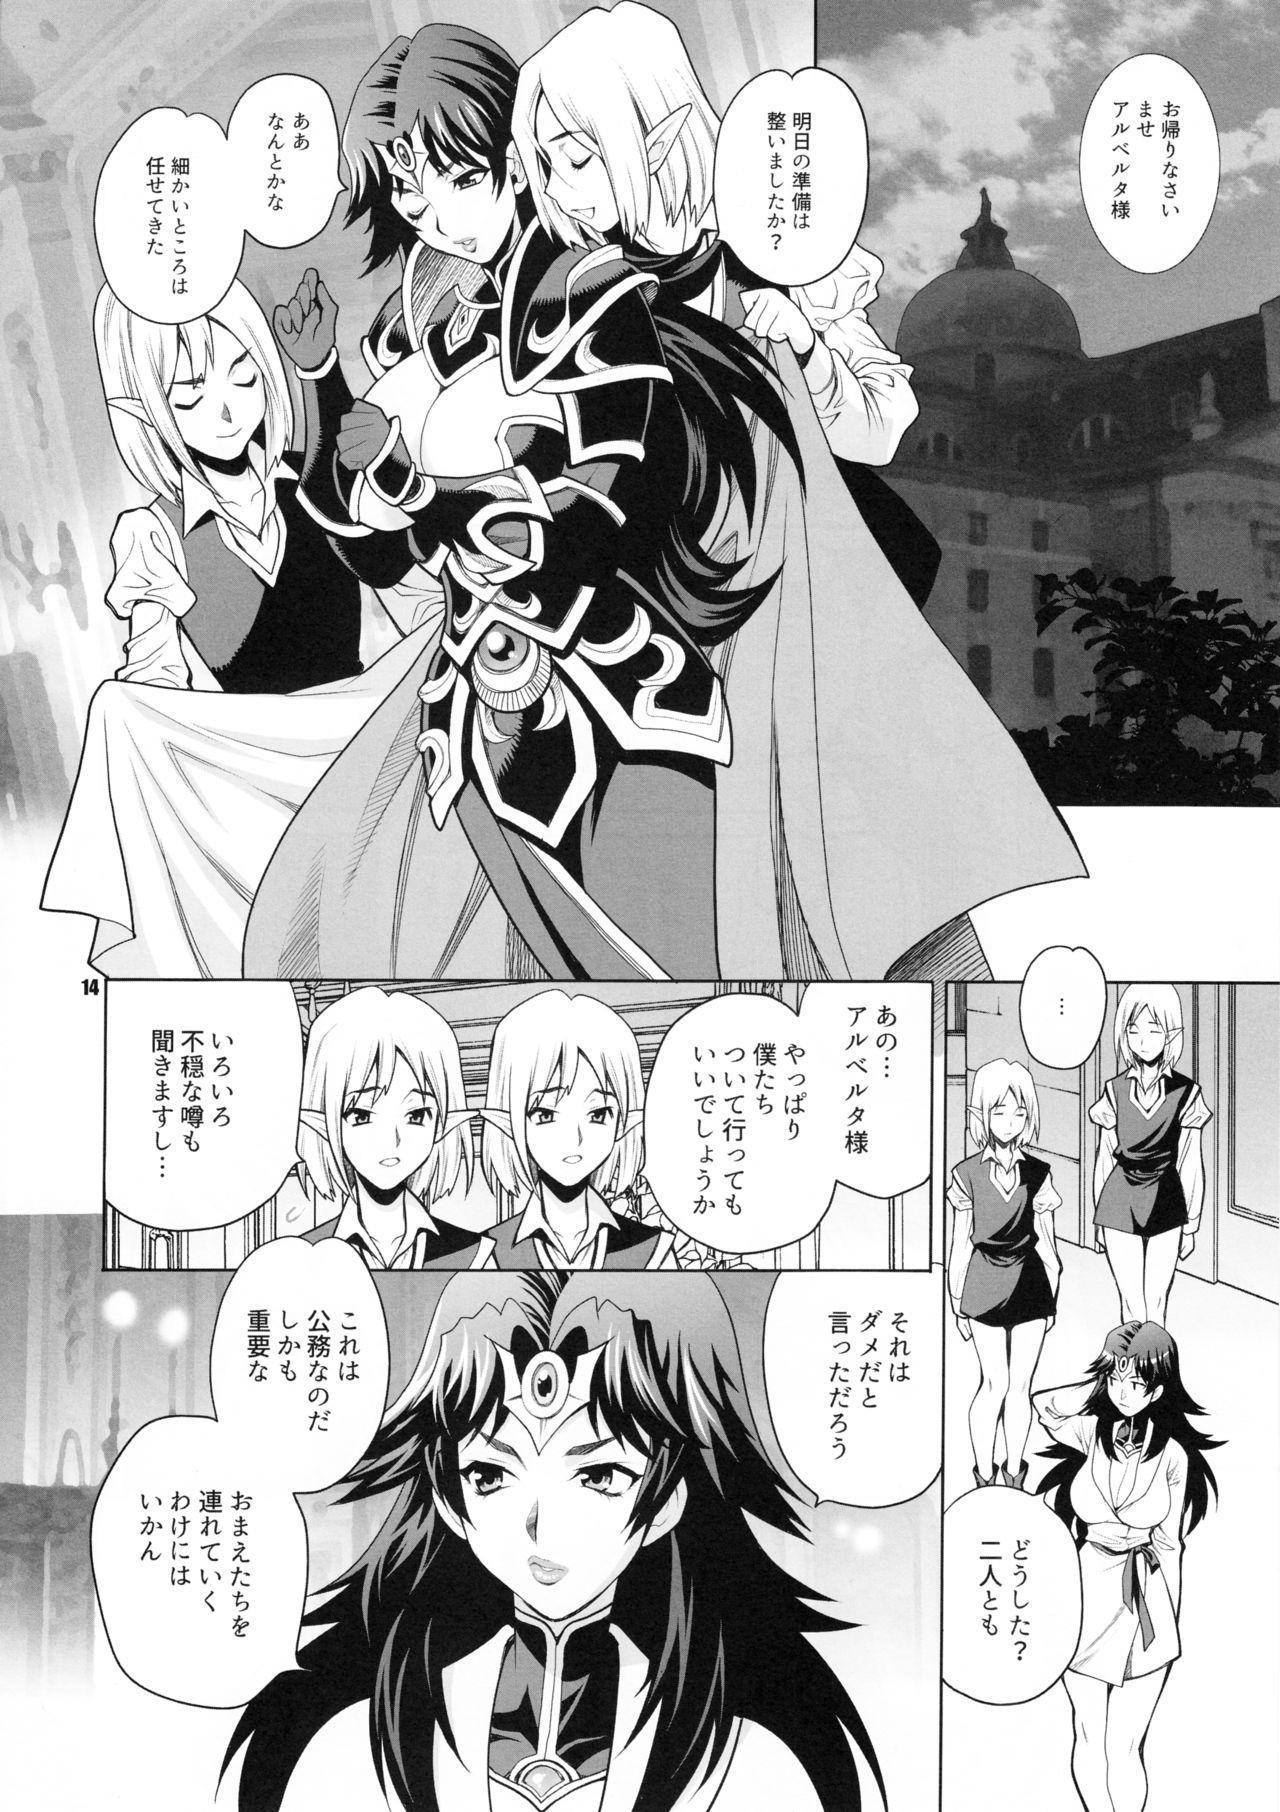 Yukiyanagi no Hon 38 Buta to Onnakishi 2 - Onnakishi wa Elf Shounen ga Okiniiri 12